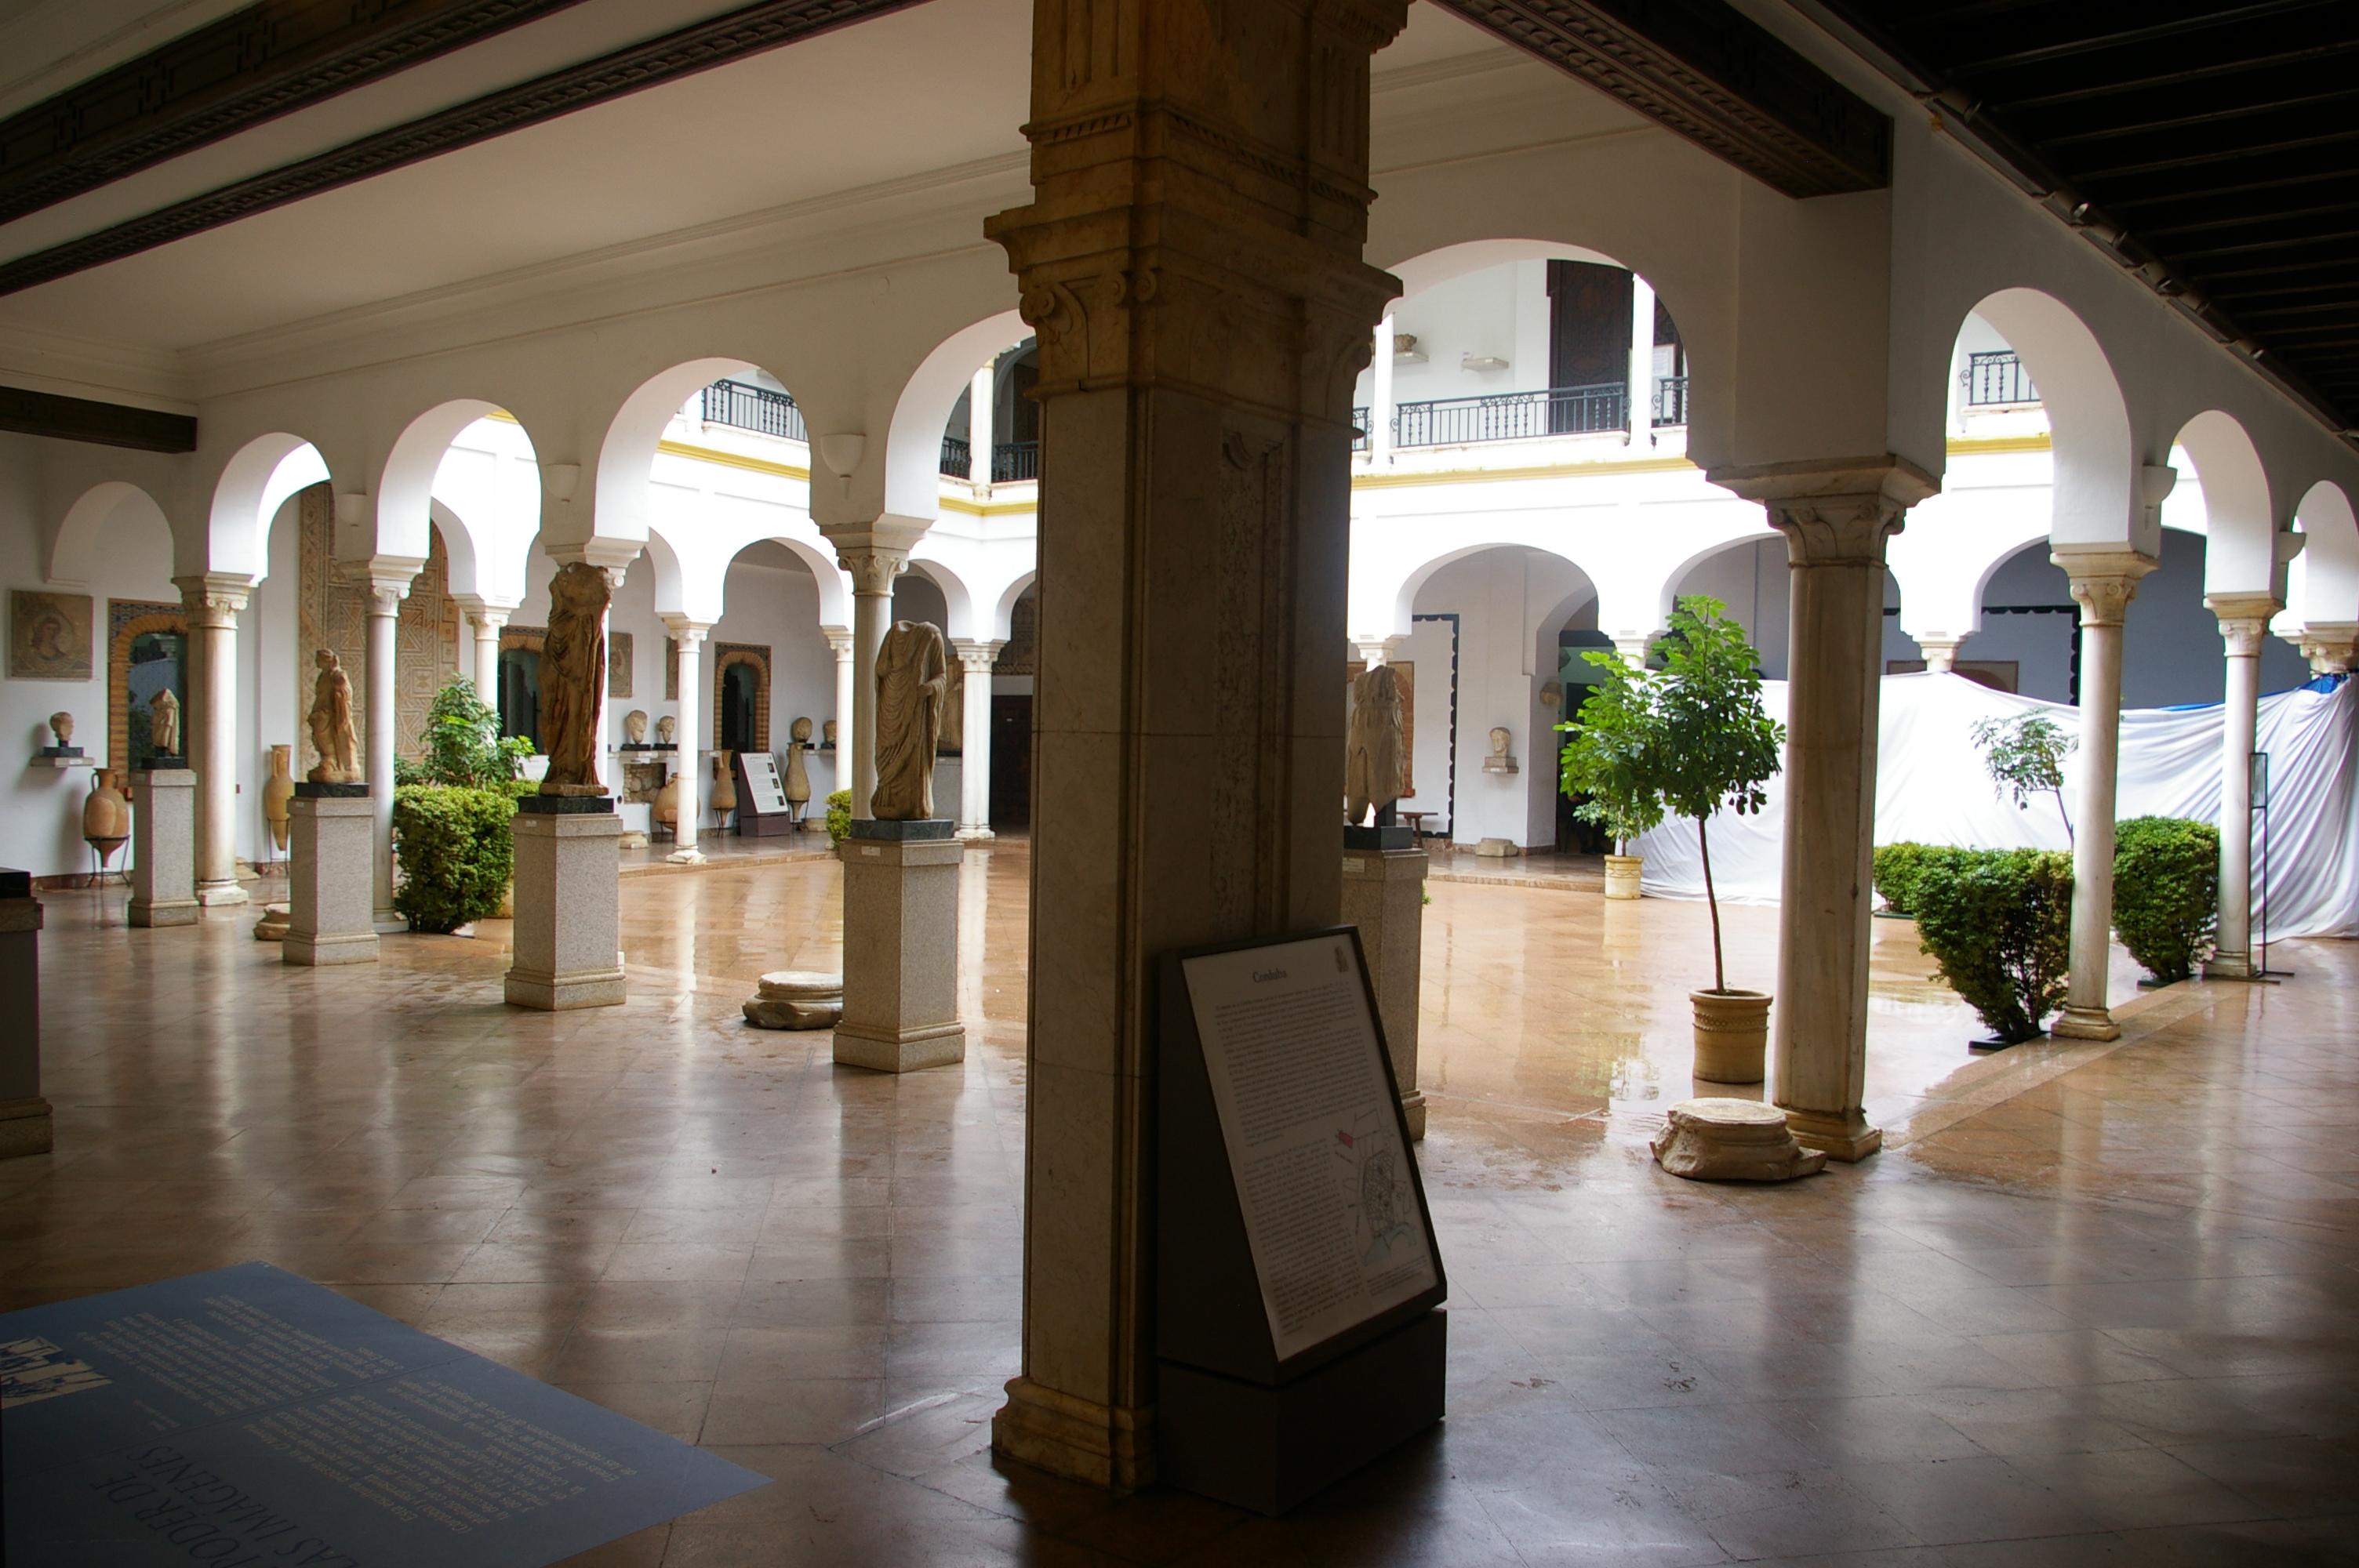 File:Patio II del Museo Arqueológico y Etnológico de Córdoba, Spain.jpg - Wik...